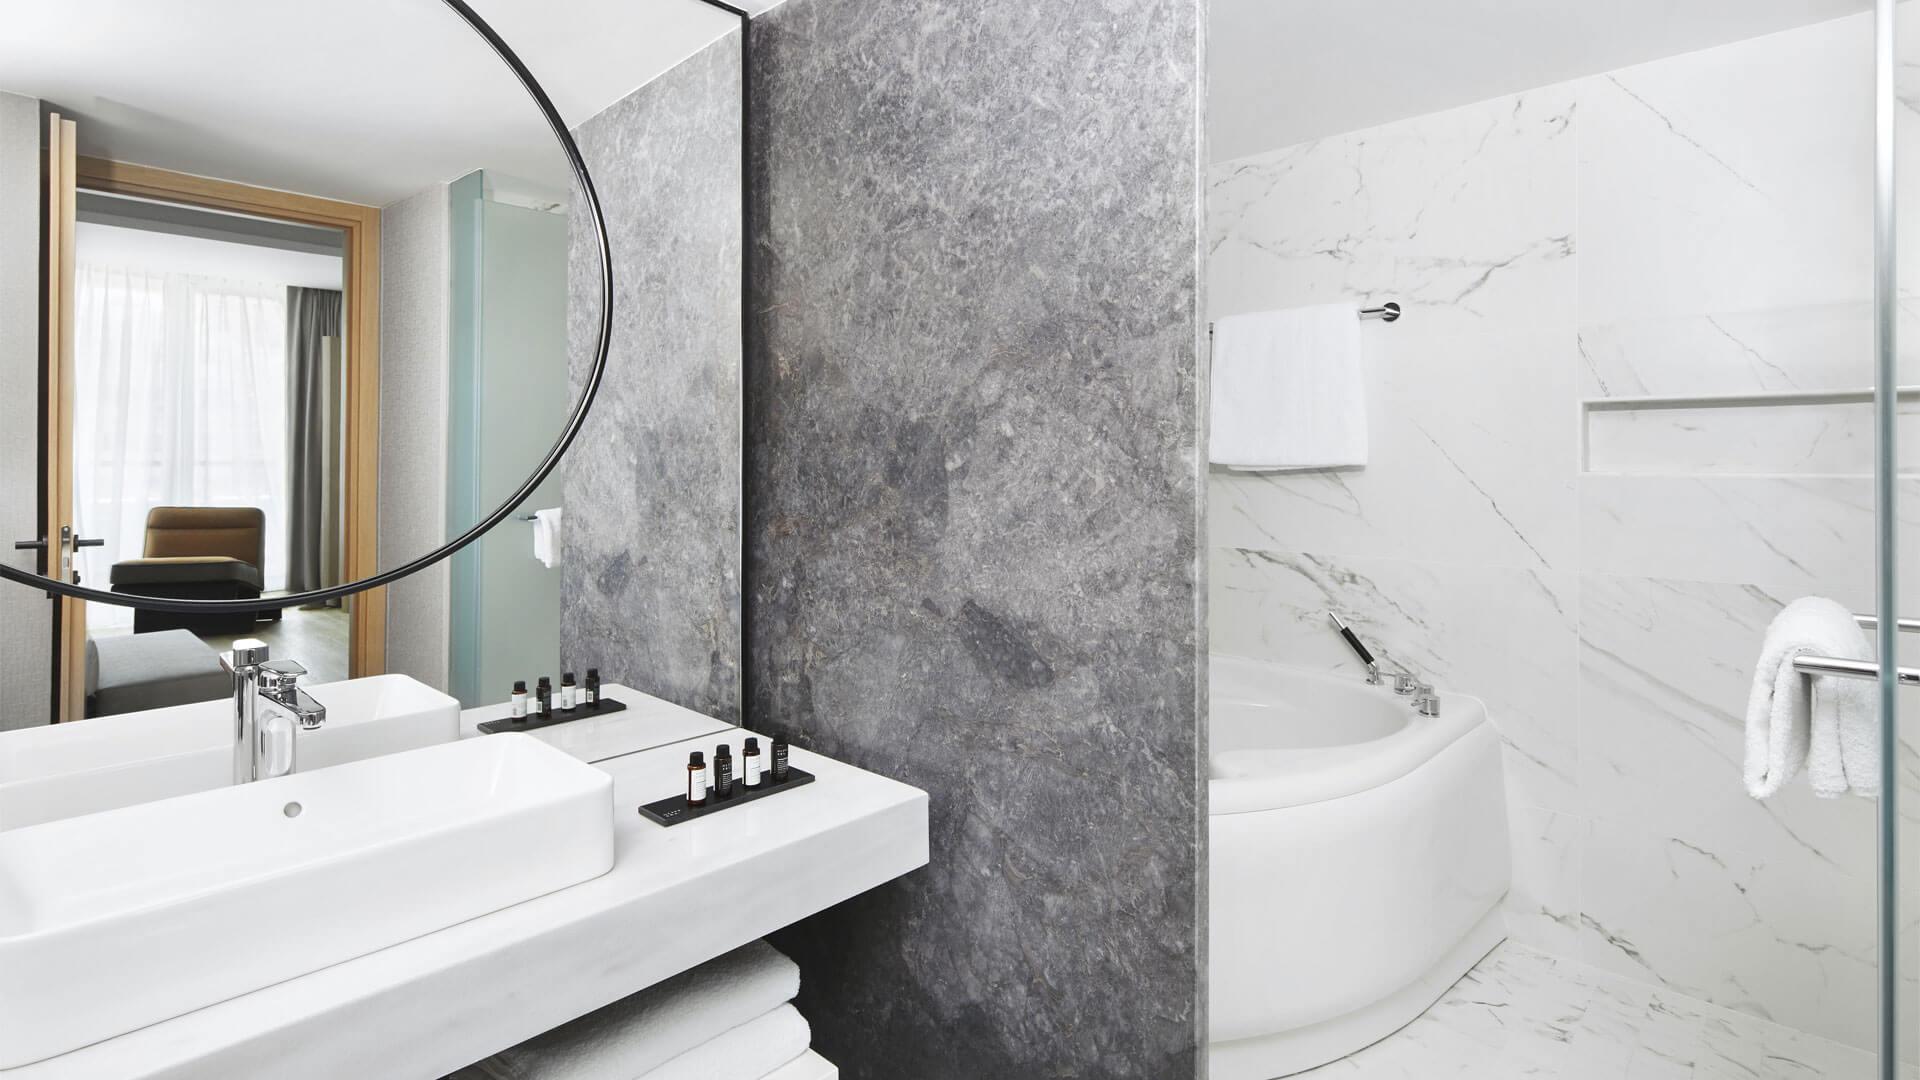 μπάνιο με μάρμαρο σε λευκό και γκρι